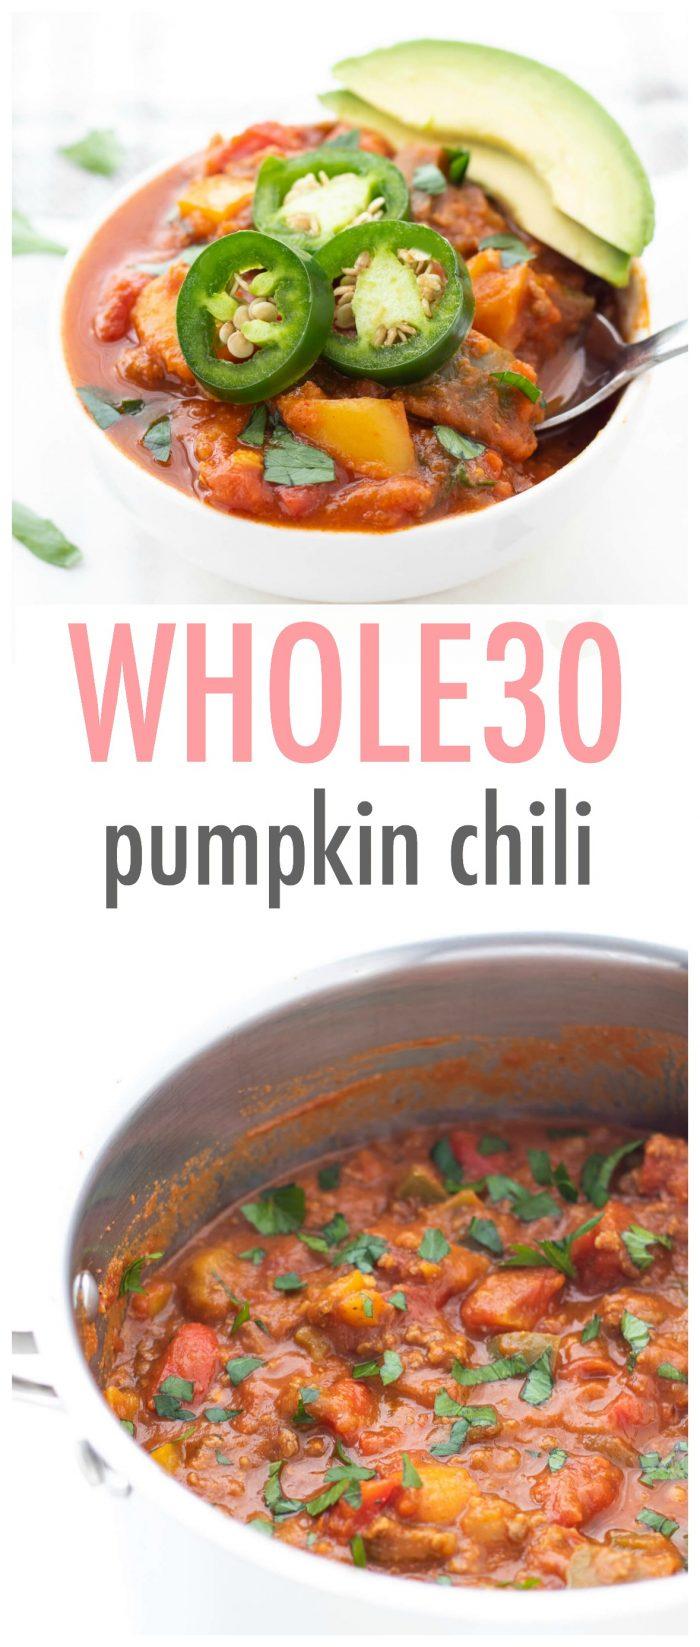 Whole30 Pumpkin Chili